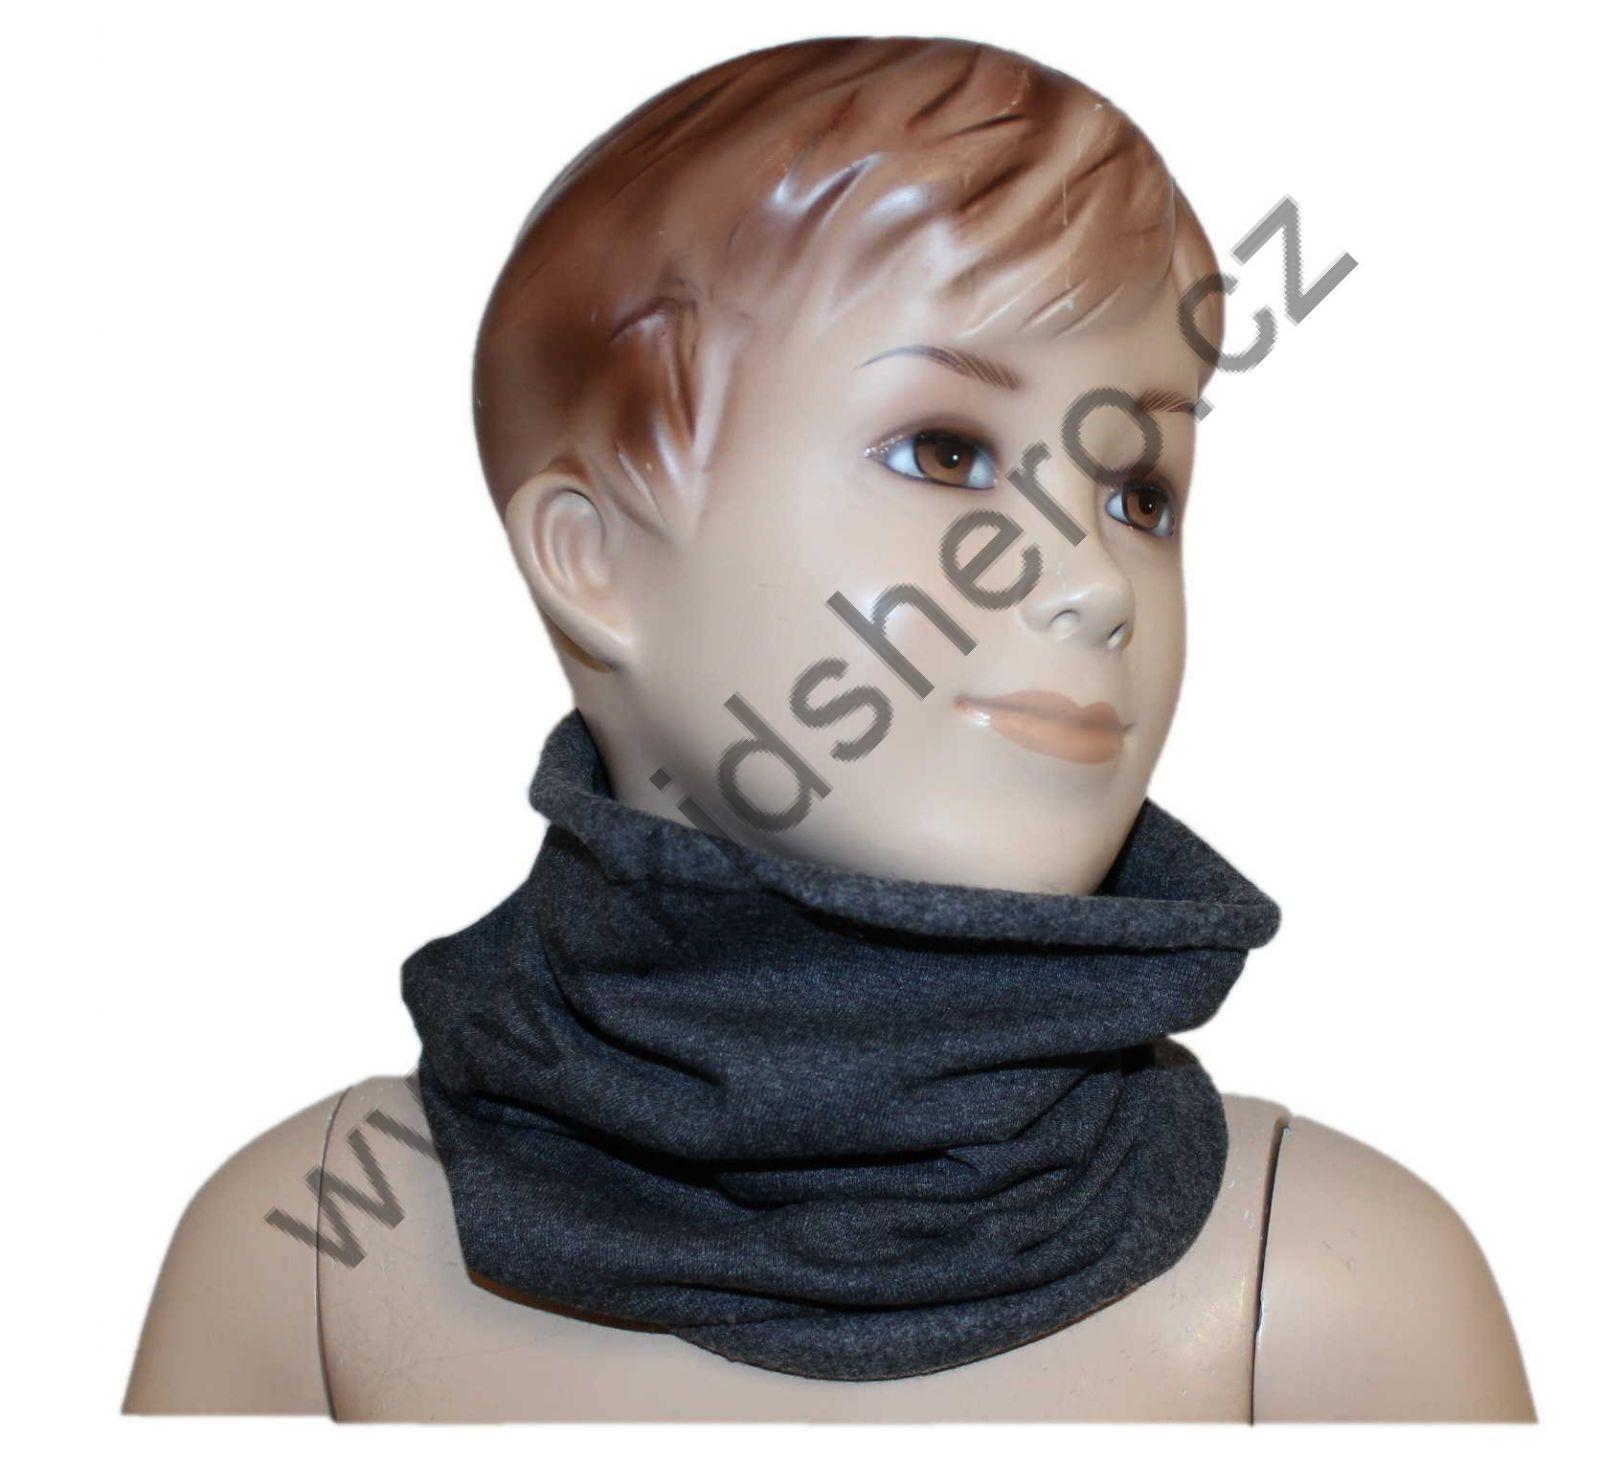 Šátek, nákrčník, dětský nákrčník